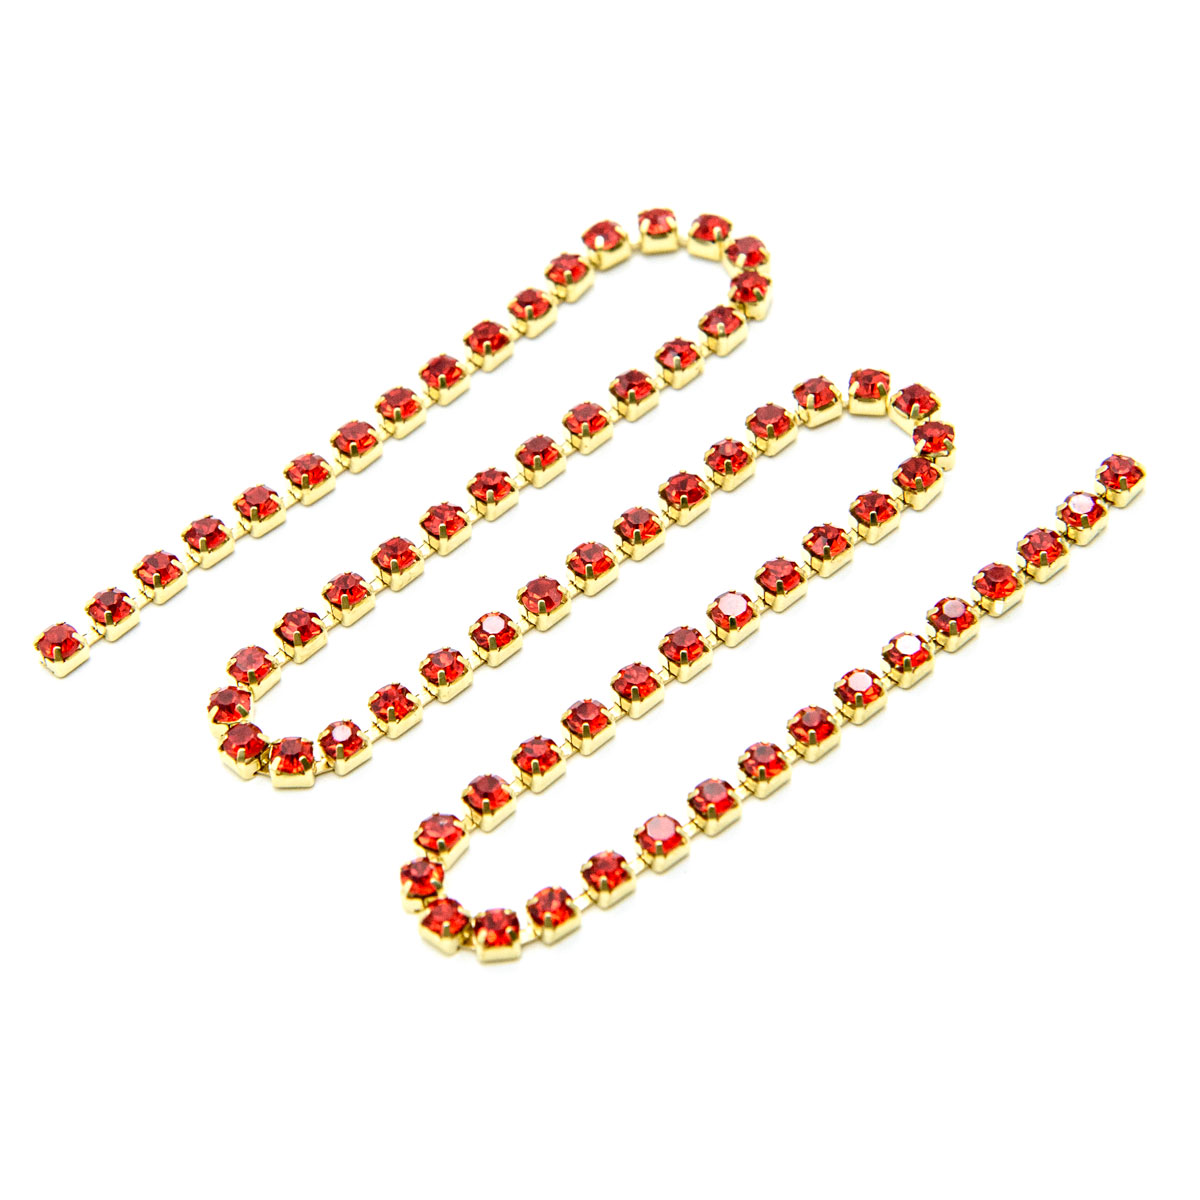 ЦС007ЗЦ3 Стразовые цепочки (золото), цвет: красный, размер 3 мм, 30 см/упак.